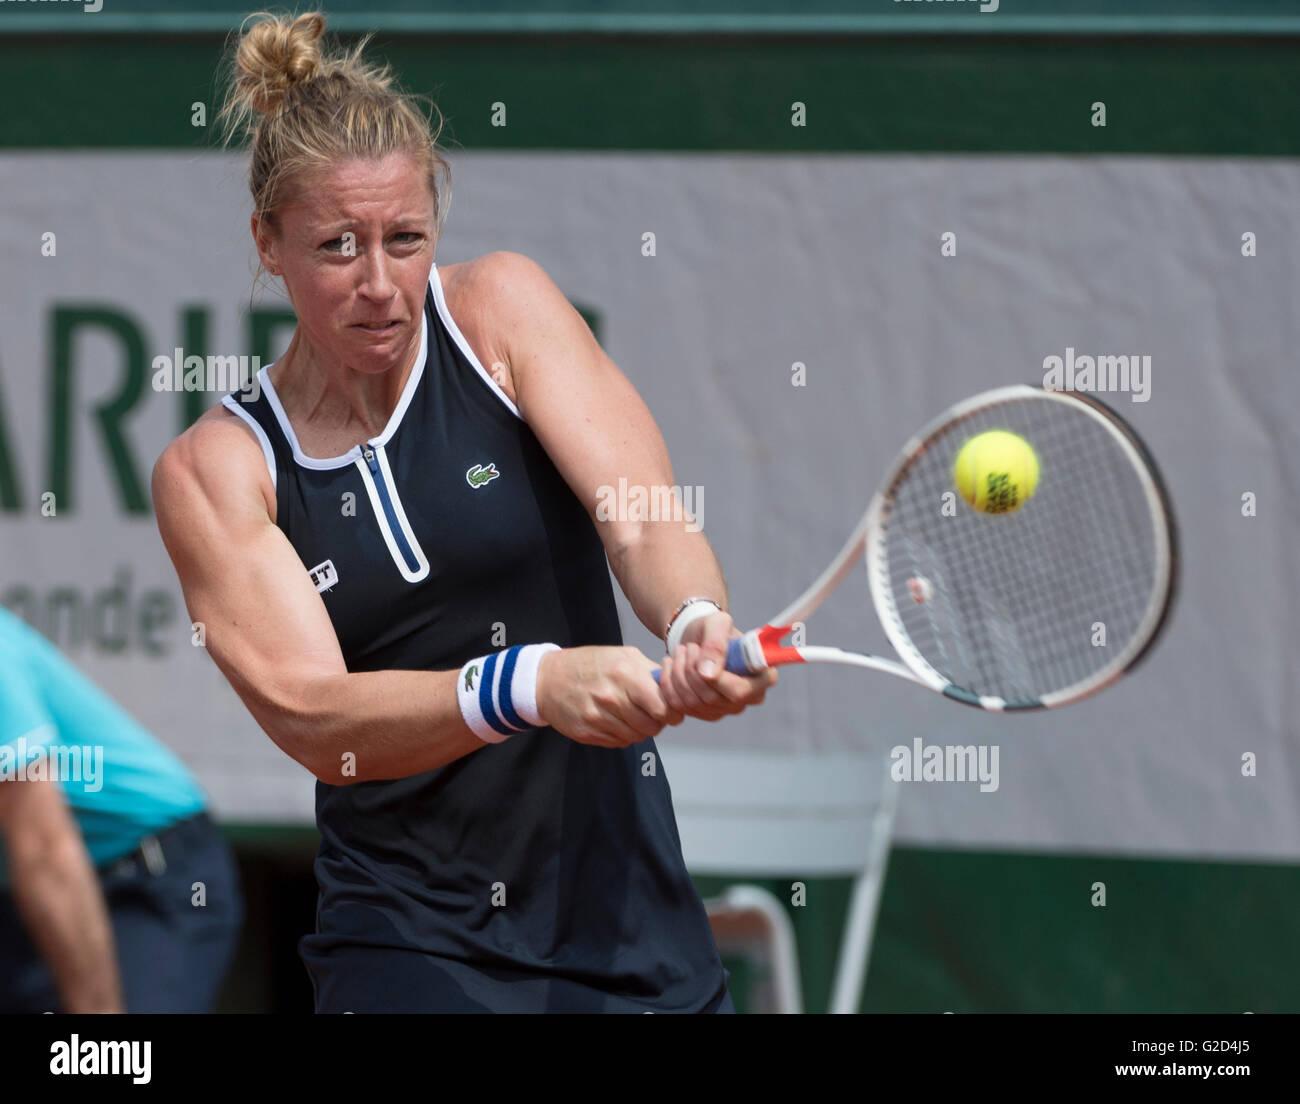 Pauline Parmentier FRA Perd Timea Bacsinszky SUI 6 4 2 Roland Garros Qui Se Joue Au Stade Paris France